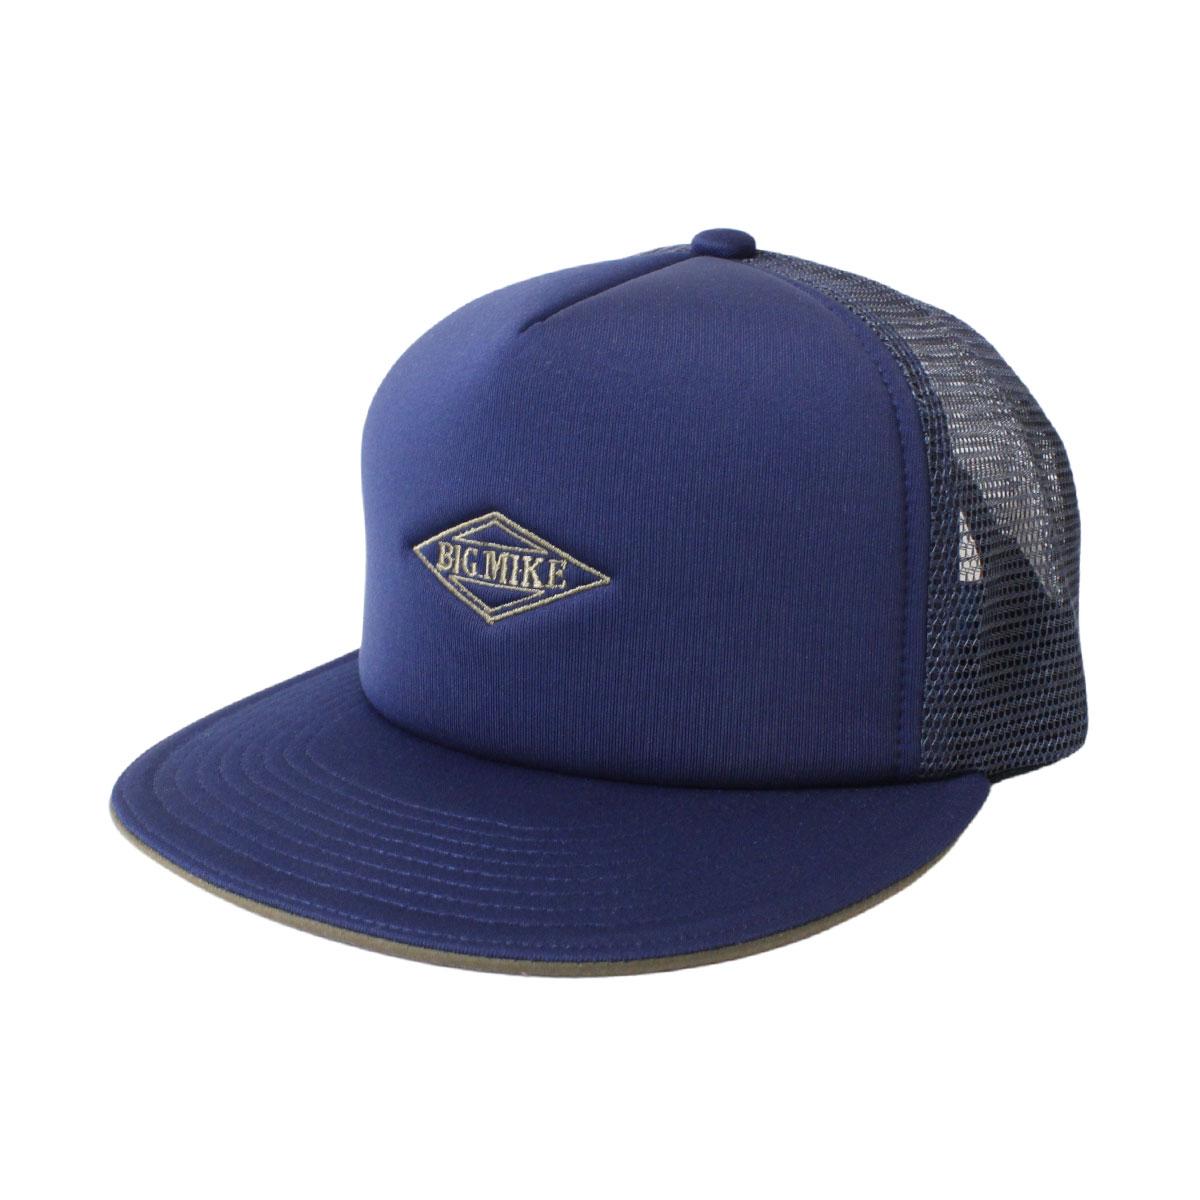 BIG MIKE ビッグマイク MESH CAP